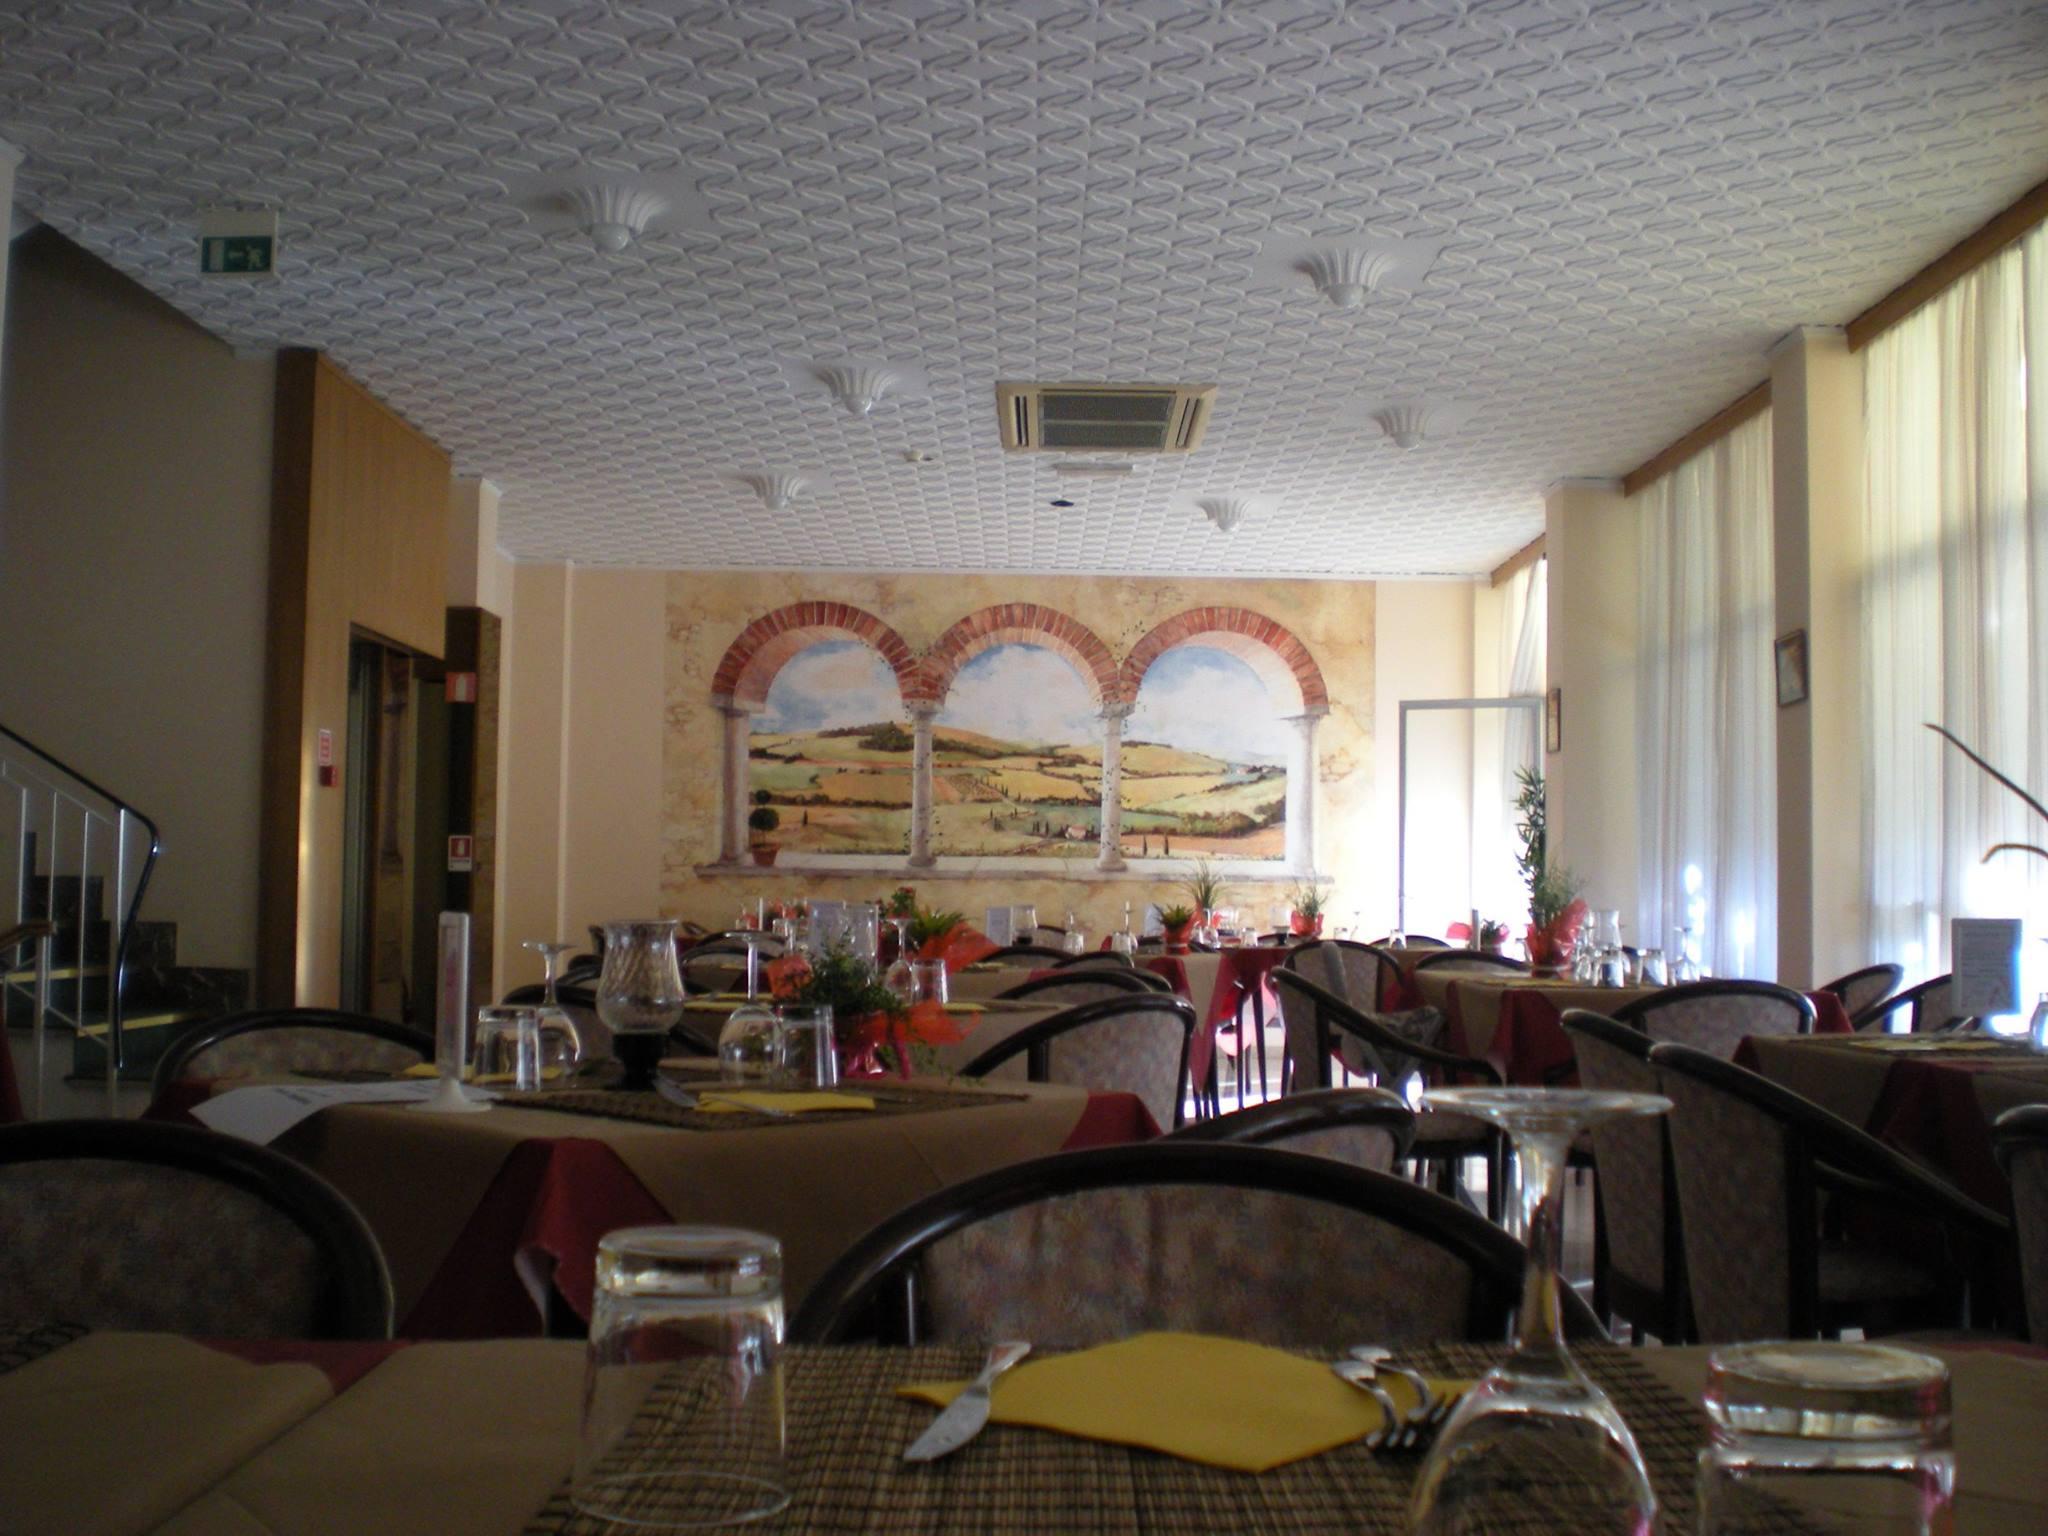 Foto hotel glenn rimini hotel glenn rimini for Bagno 69 rimini